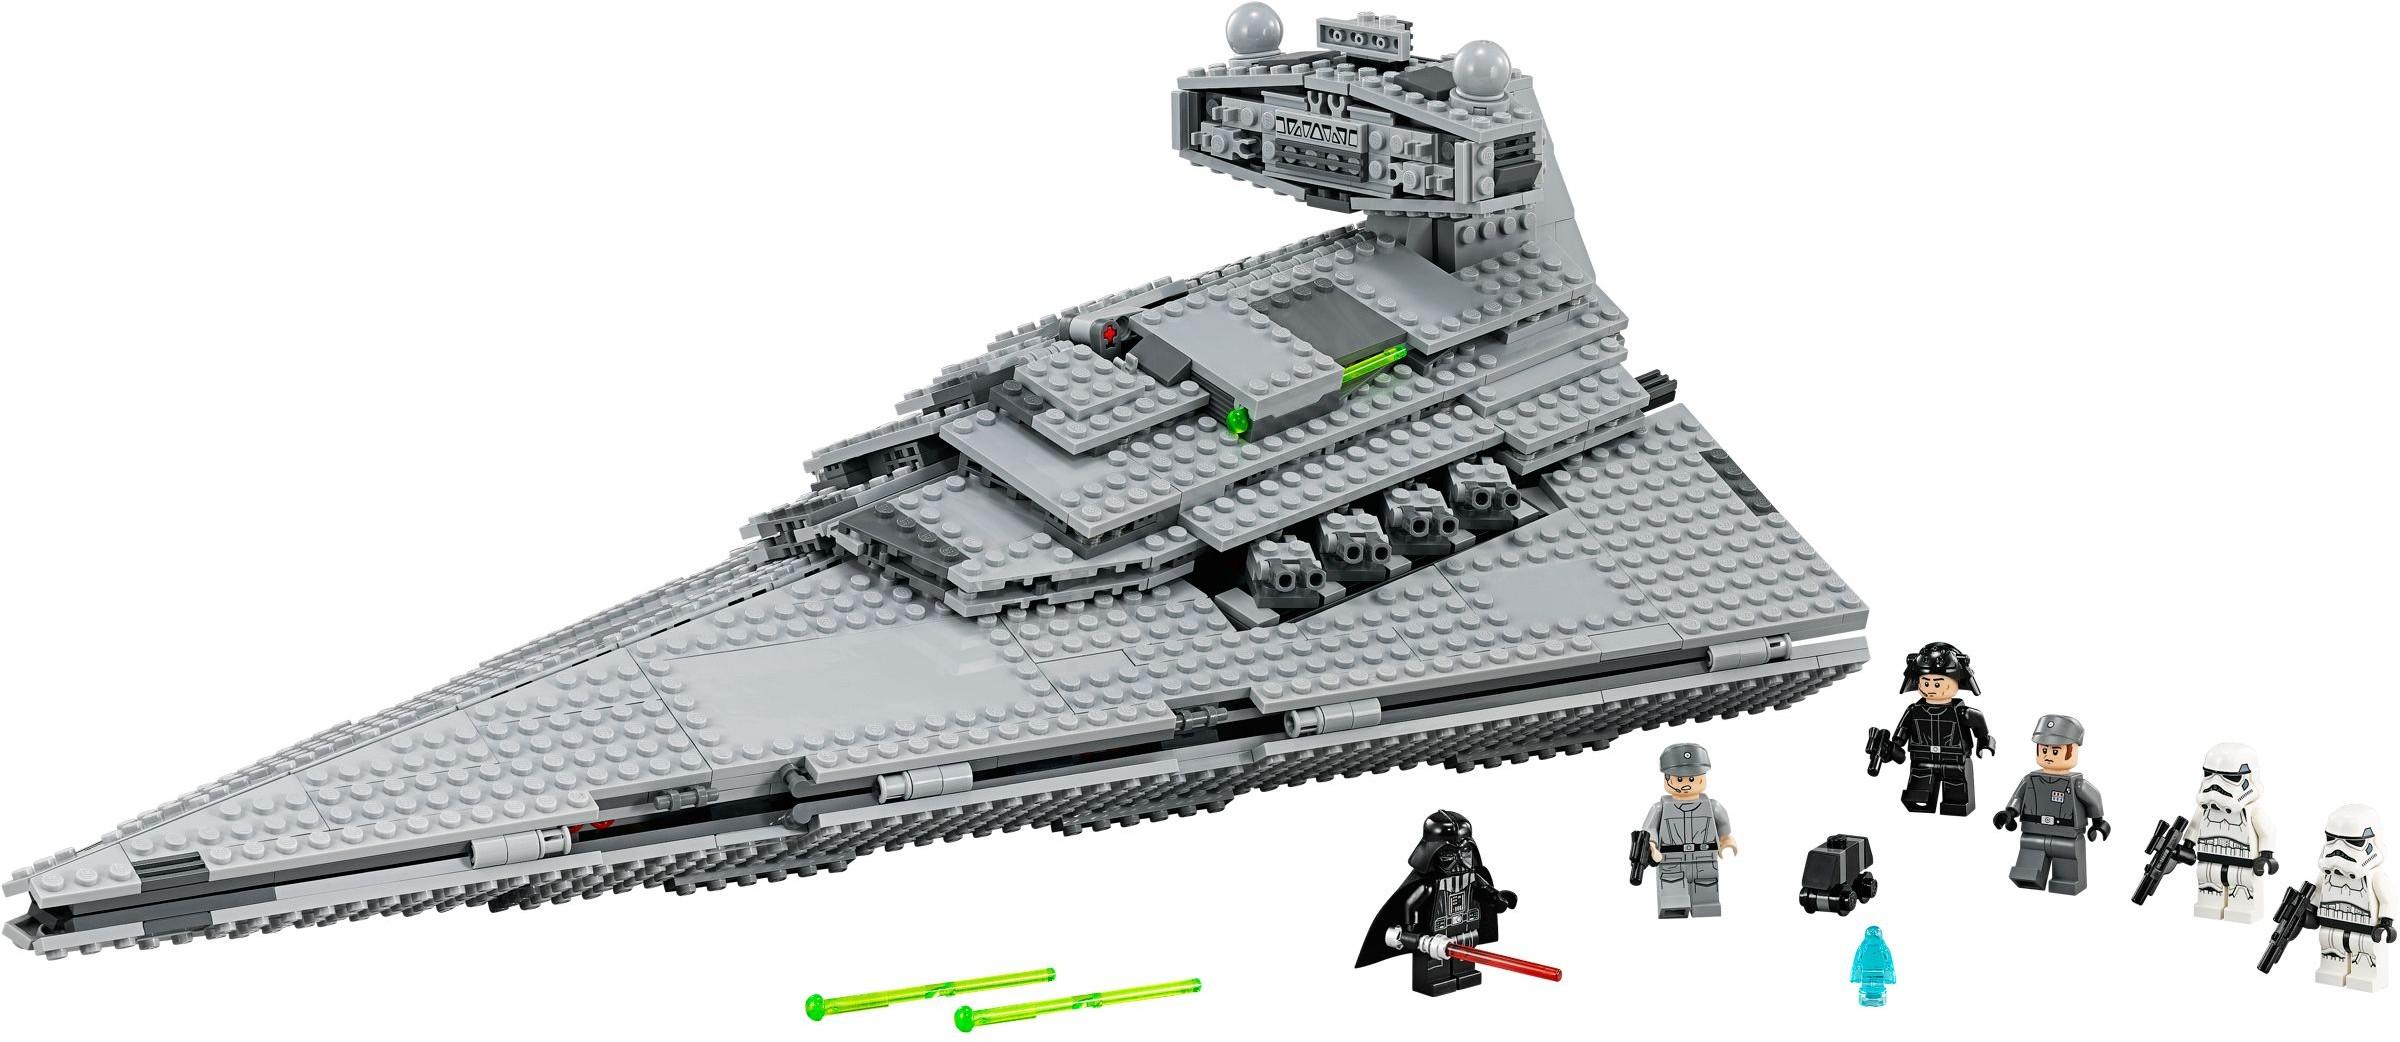 http://images.brickset.com/sets/AdditionalImages/75055-1/75055_main.jpg